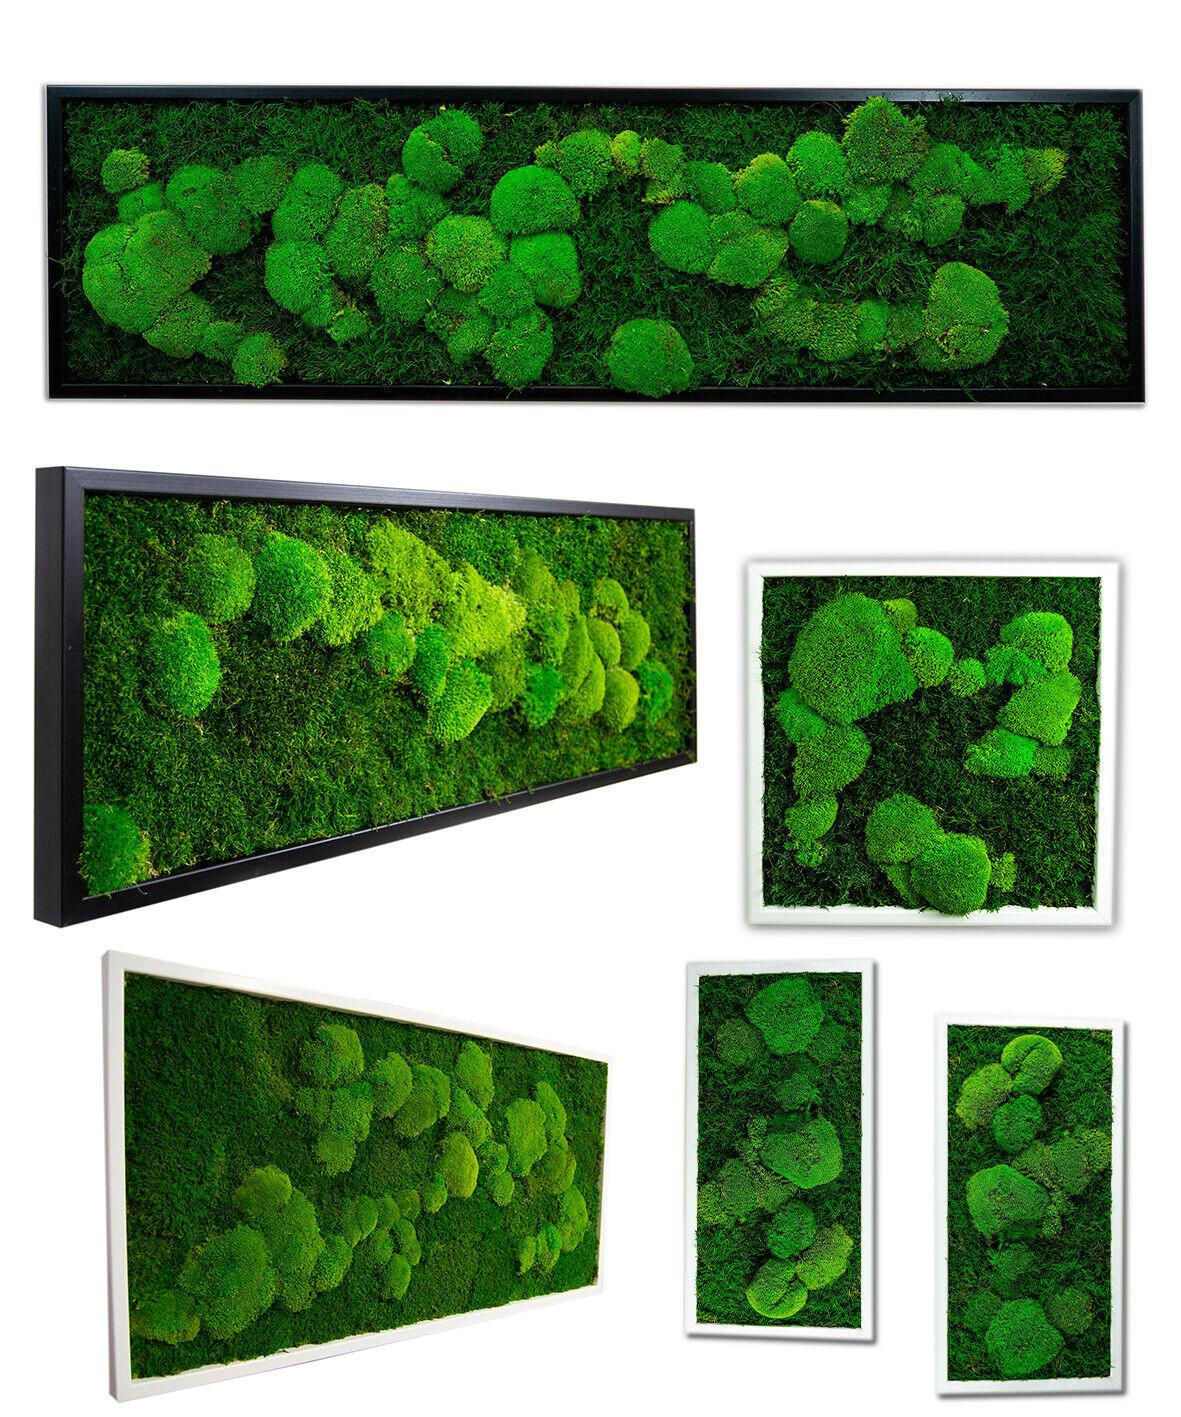 Images moosbilder moosbild acheter la fresque mooswand Déco Poster pflanzenbild